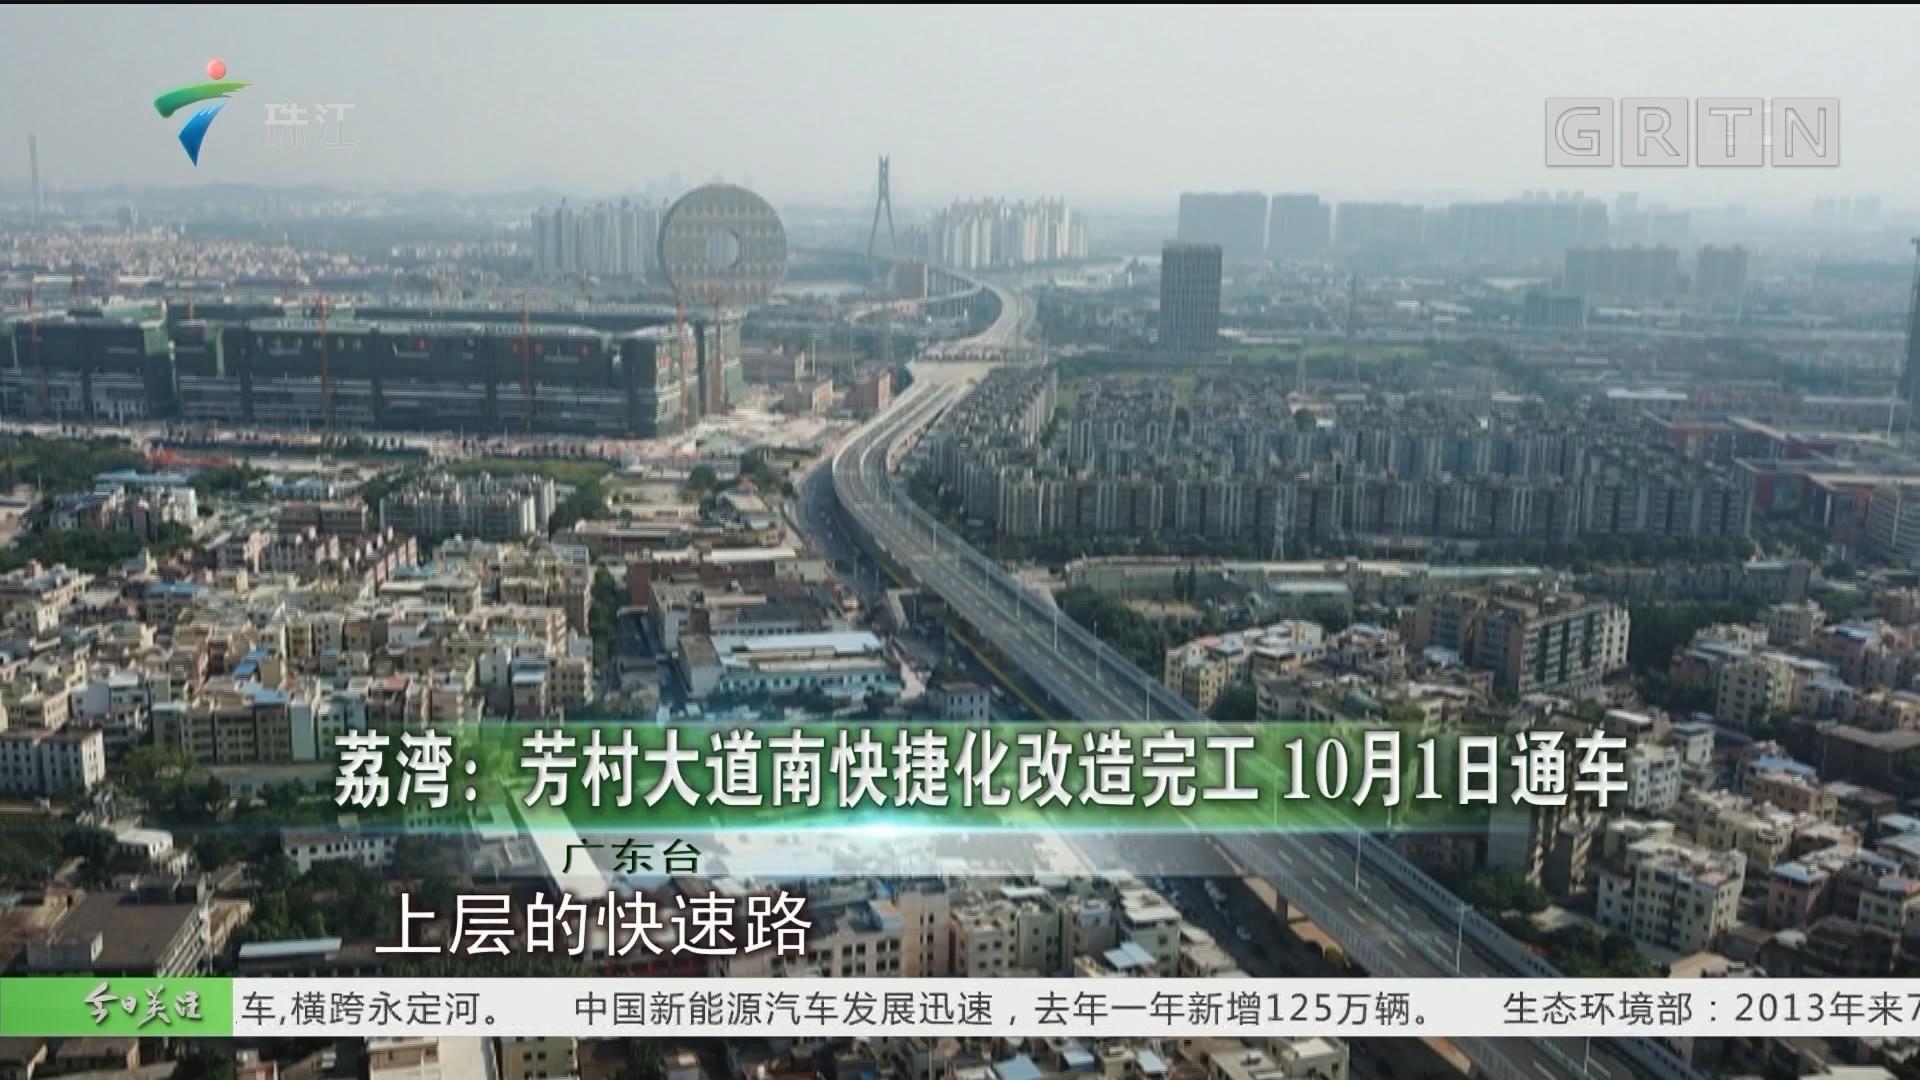 荔湾:芳村大道南快捷化改造完工 10月1日通车